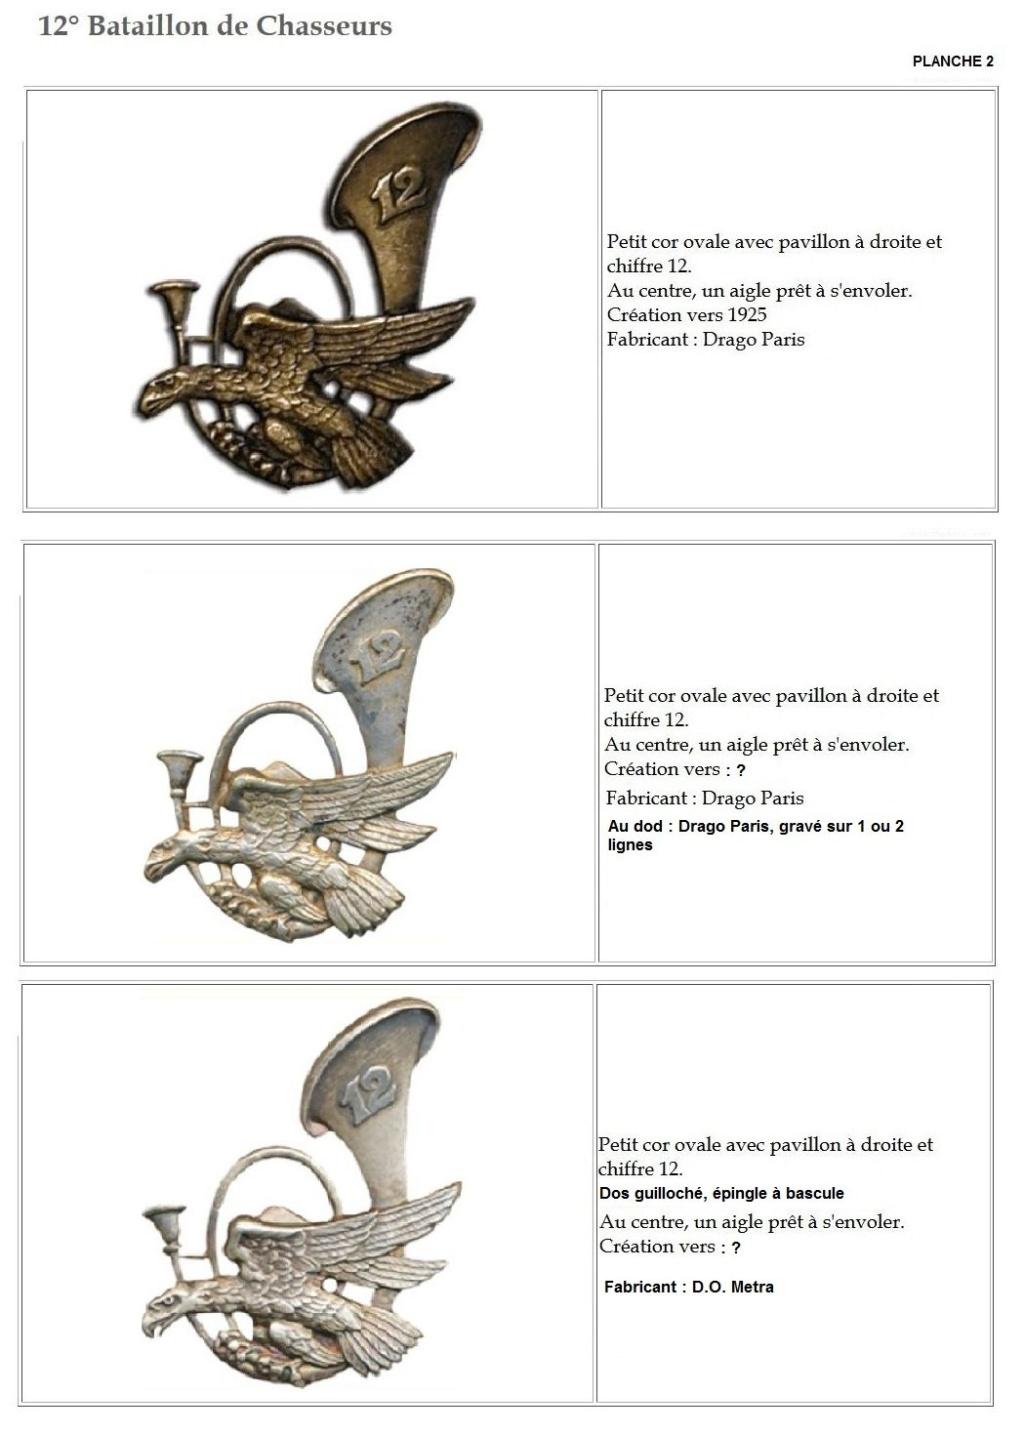 Les insignes de bataillons- Mise à jour... - Page 2 12e_pl15